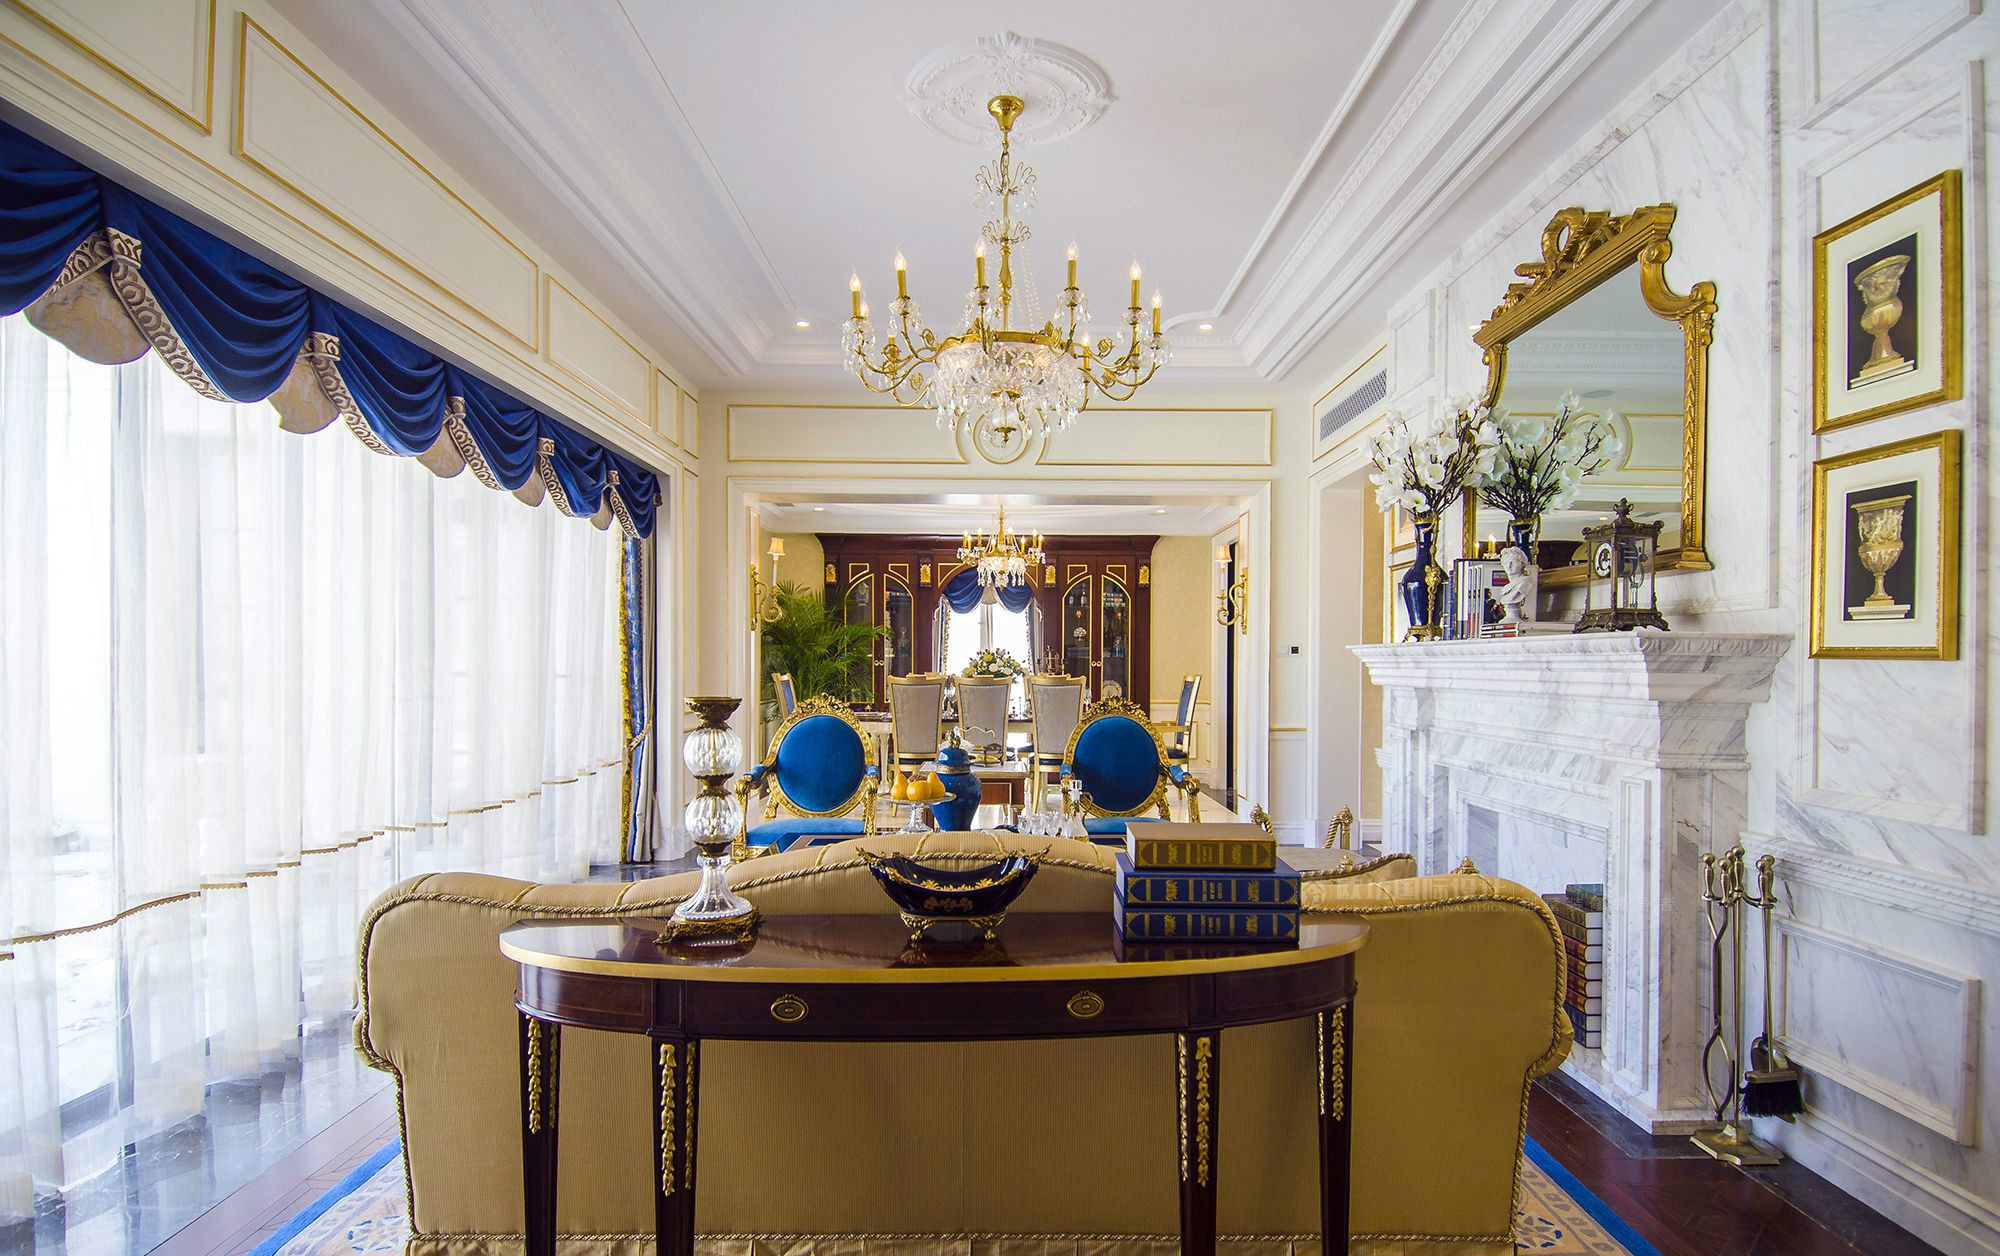 【图】御翠园丨法式风格丨别墅装修设计案例_上海欧坊国际设计图片